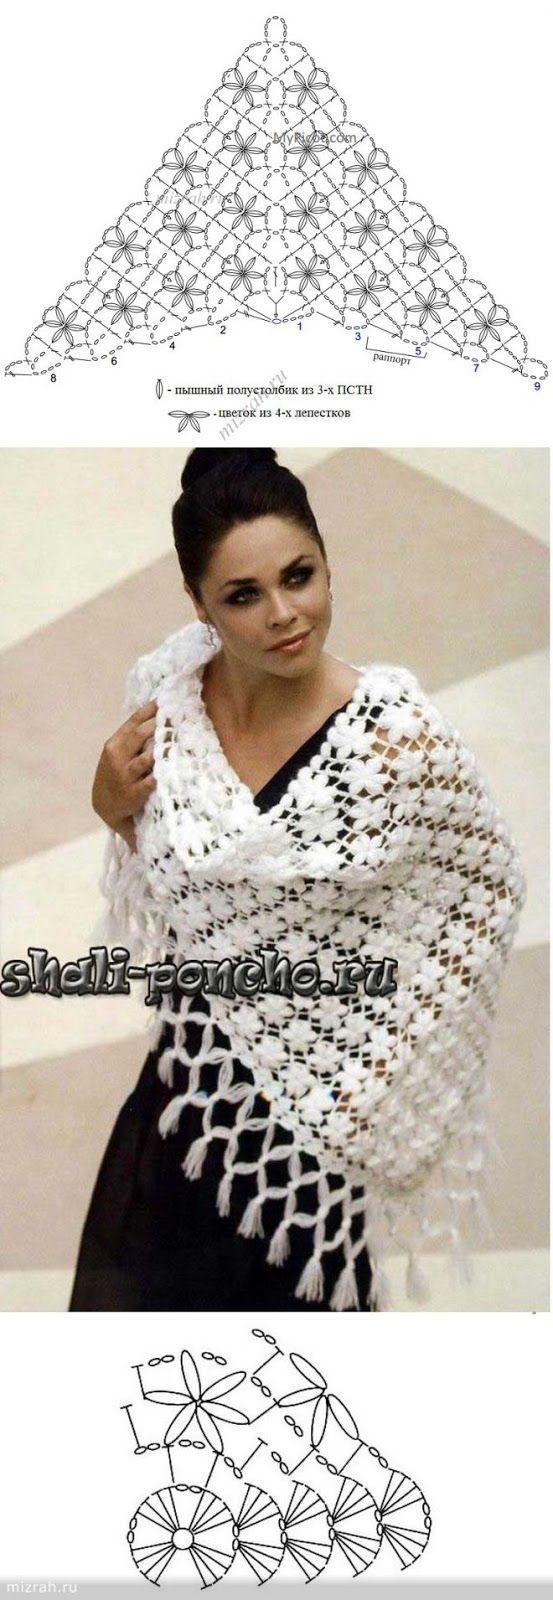 grilles+de+ch%C3%A2le+au+crochet.jpg (553×1600)